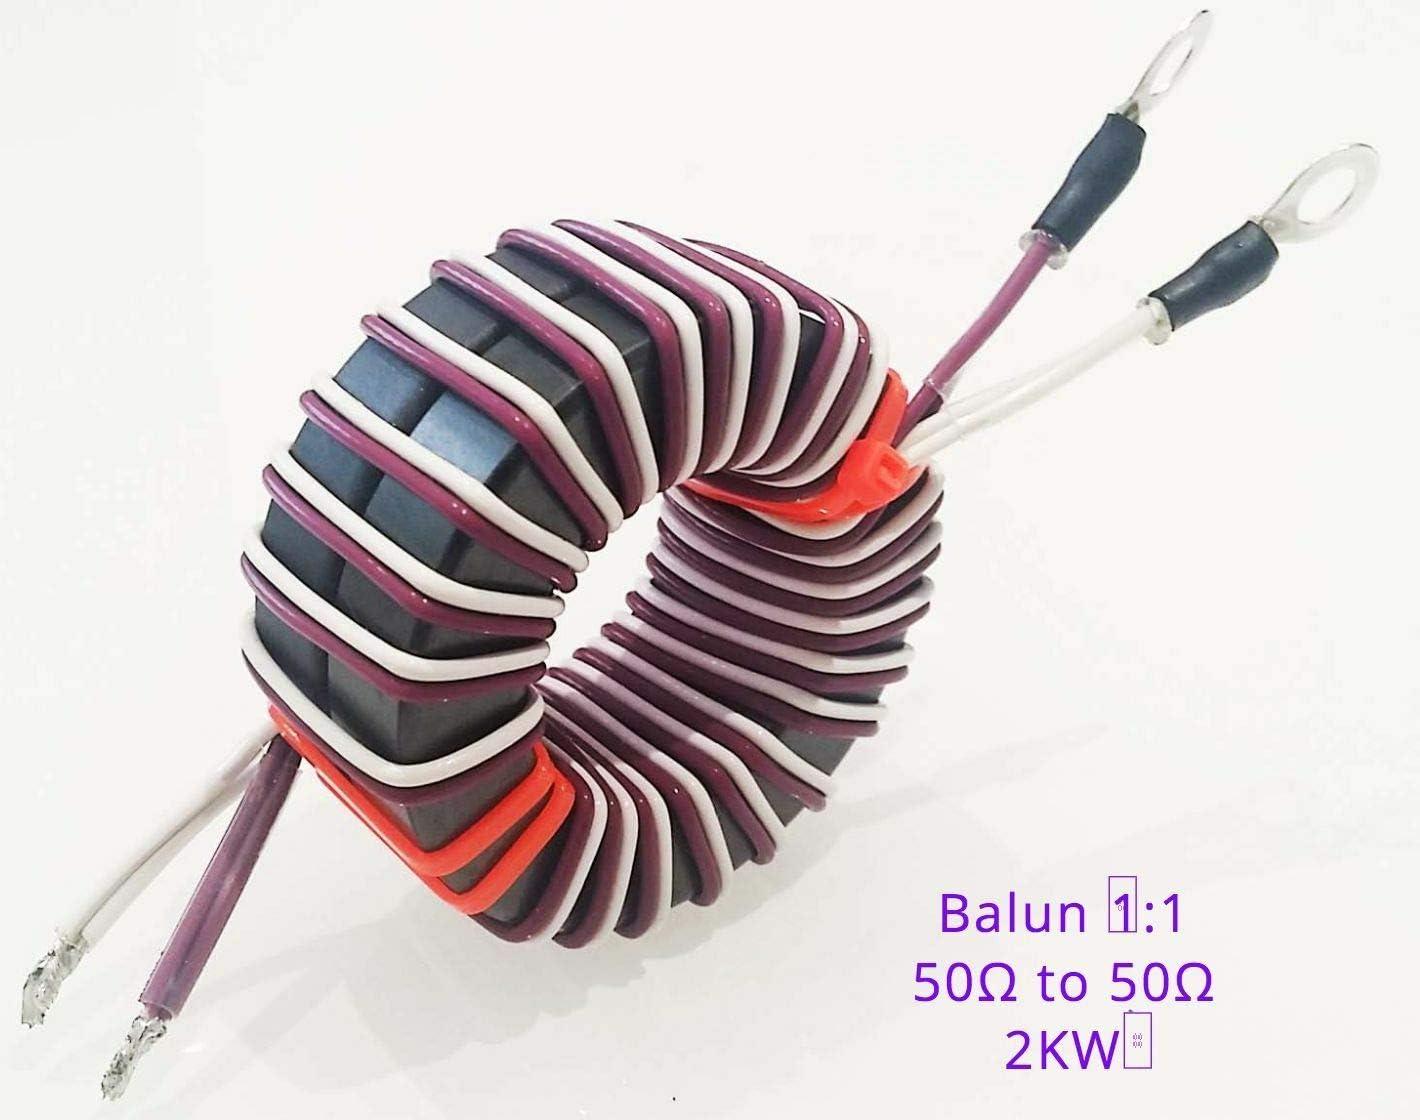 FT240-43  CORE TOROID CHOKE BALUN RING